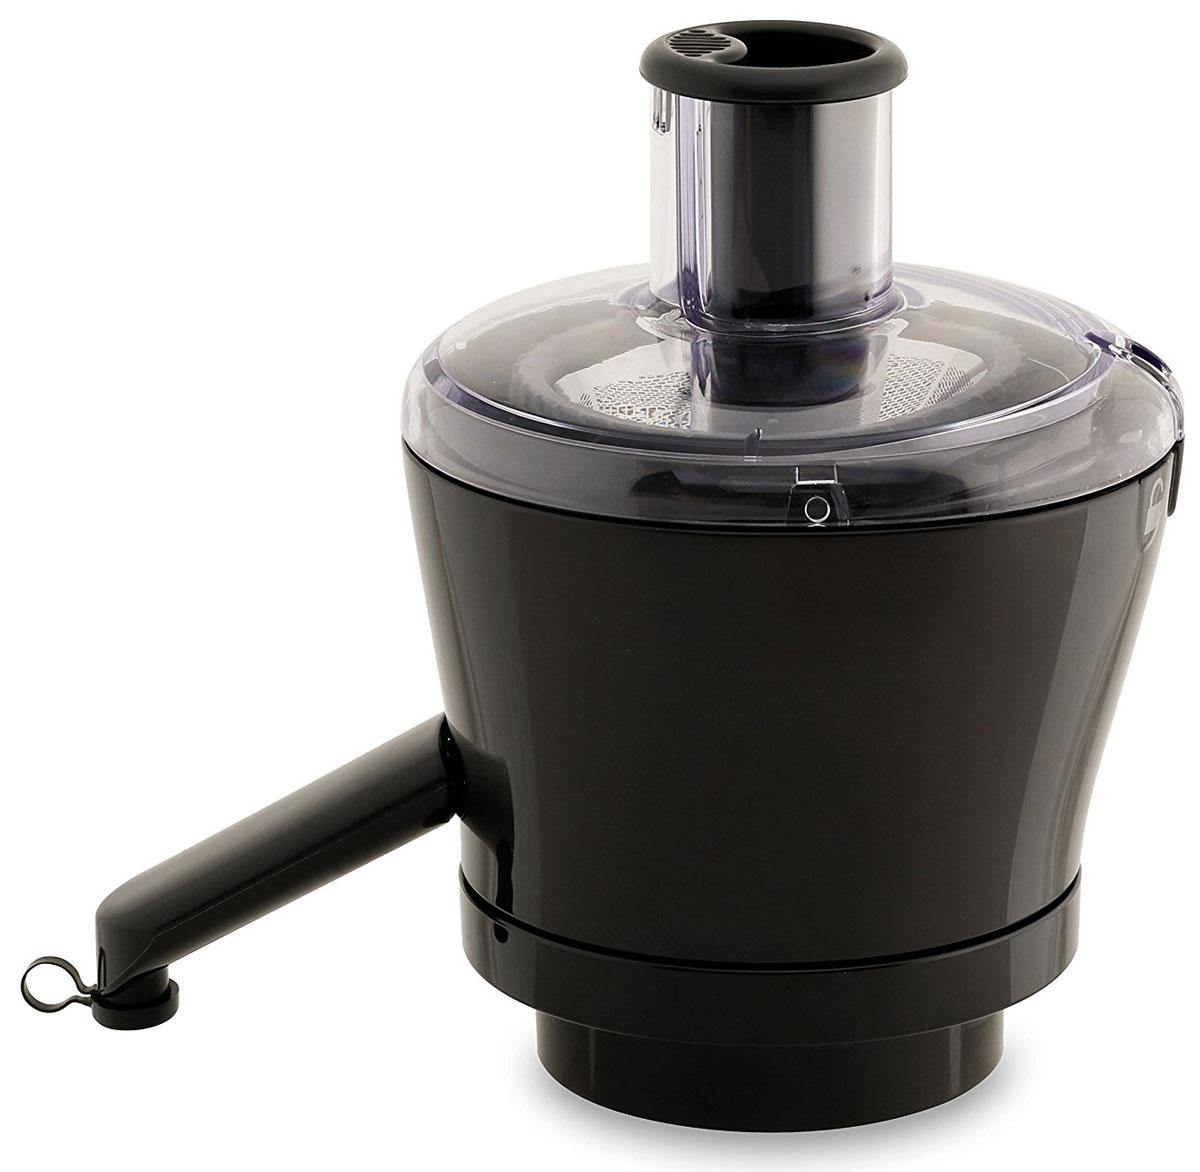 Moulinex XF630BB1 соковыжималка8000035605Соковыжималка Moulinex XF630BB1 к кухонной машине серии MasterCheff Gourmet, MasterCheff Gourmet + (QA500, QA50A, QA509, QA601). Благодаря соковыжималке Moulinex вы можете готовить вкусные свежие фруктовые соки каждое утро.